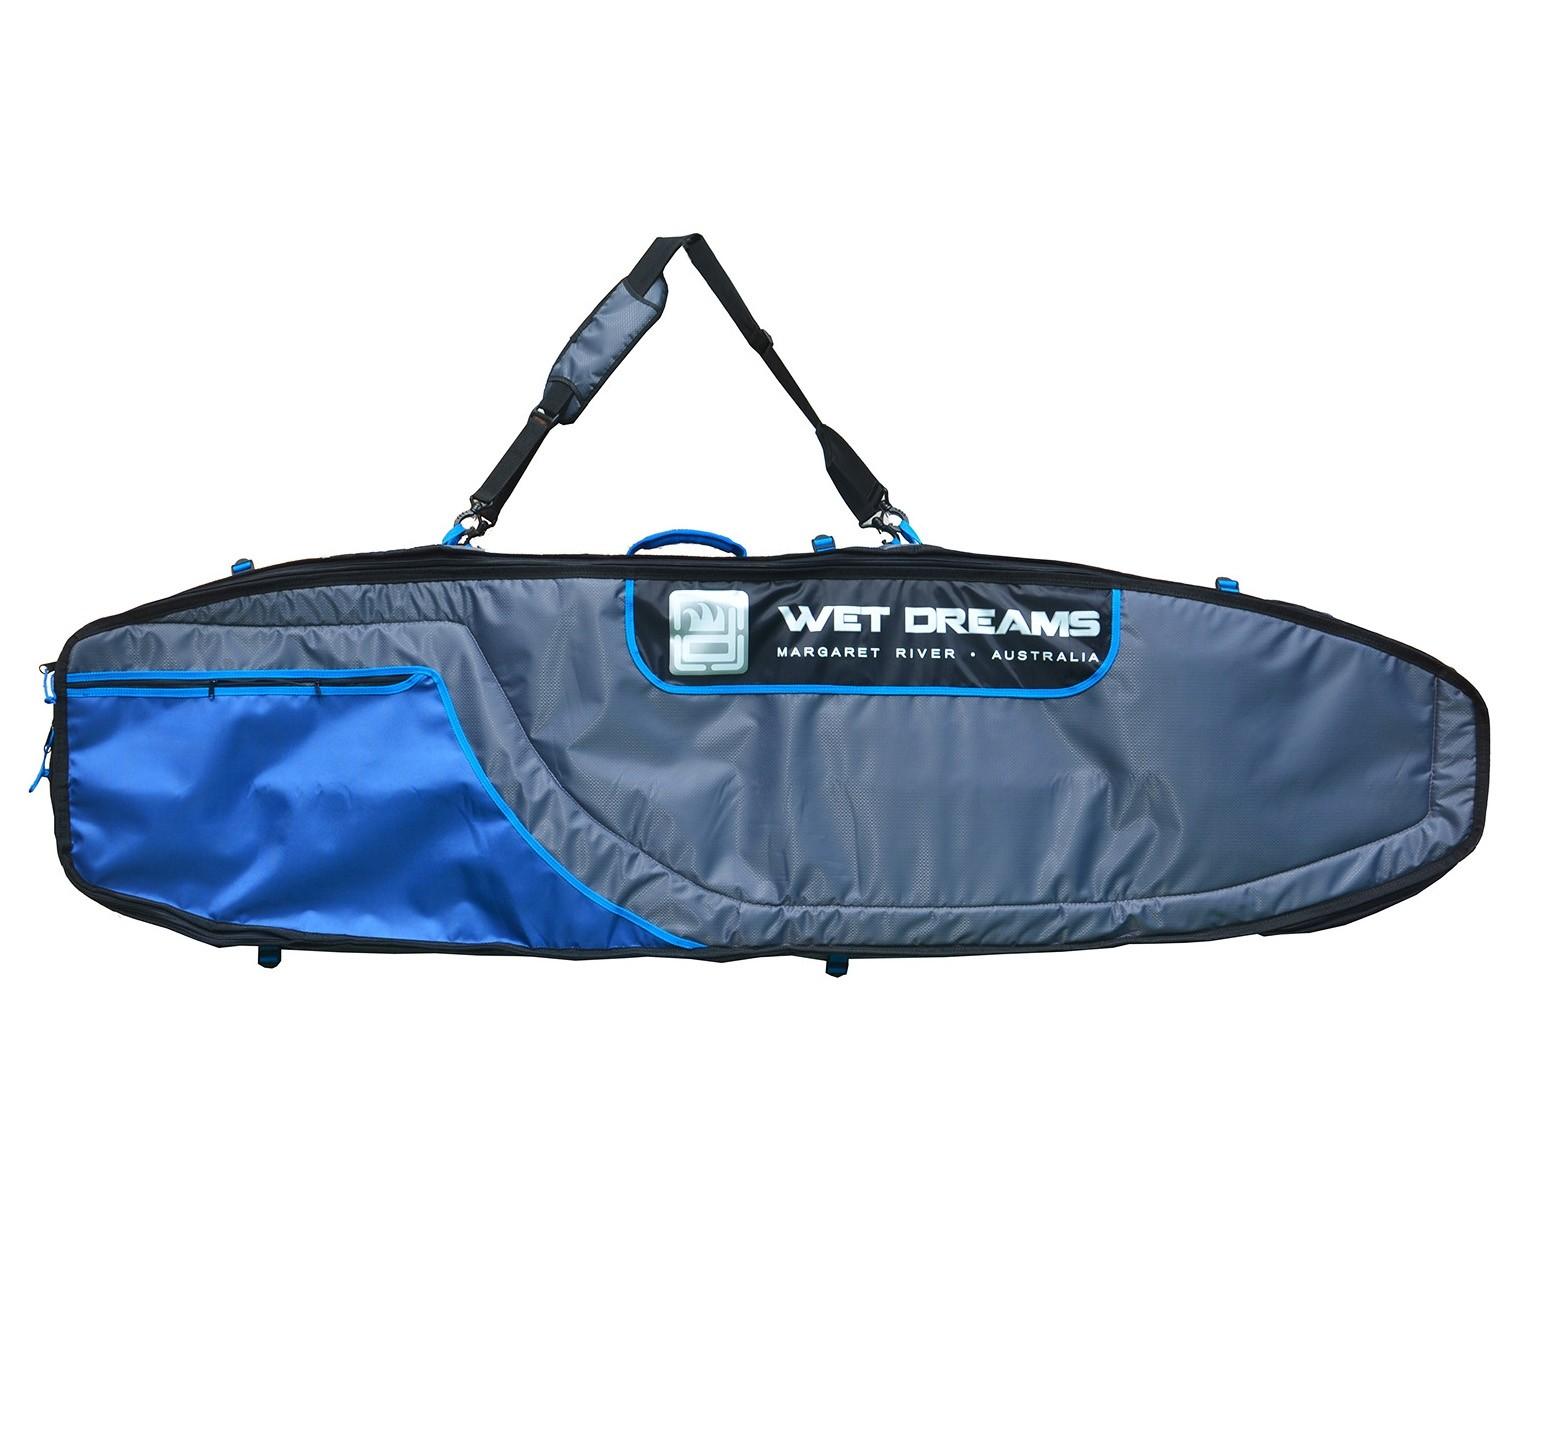 Sarcófago para 3 pranchas de Surf 9'2'' - 2,80m - Wet Dreams | Prancharia